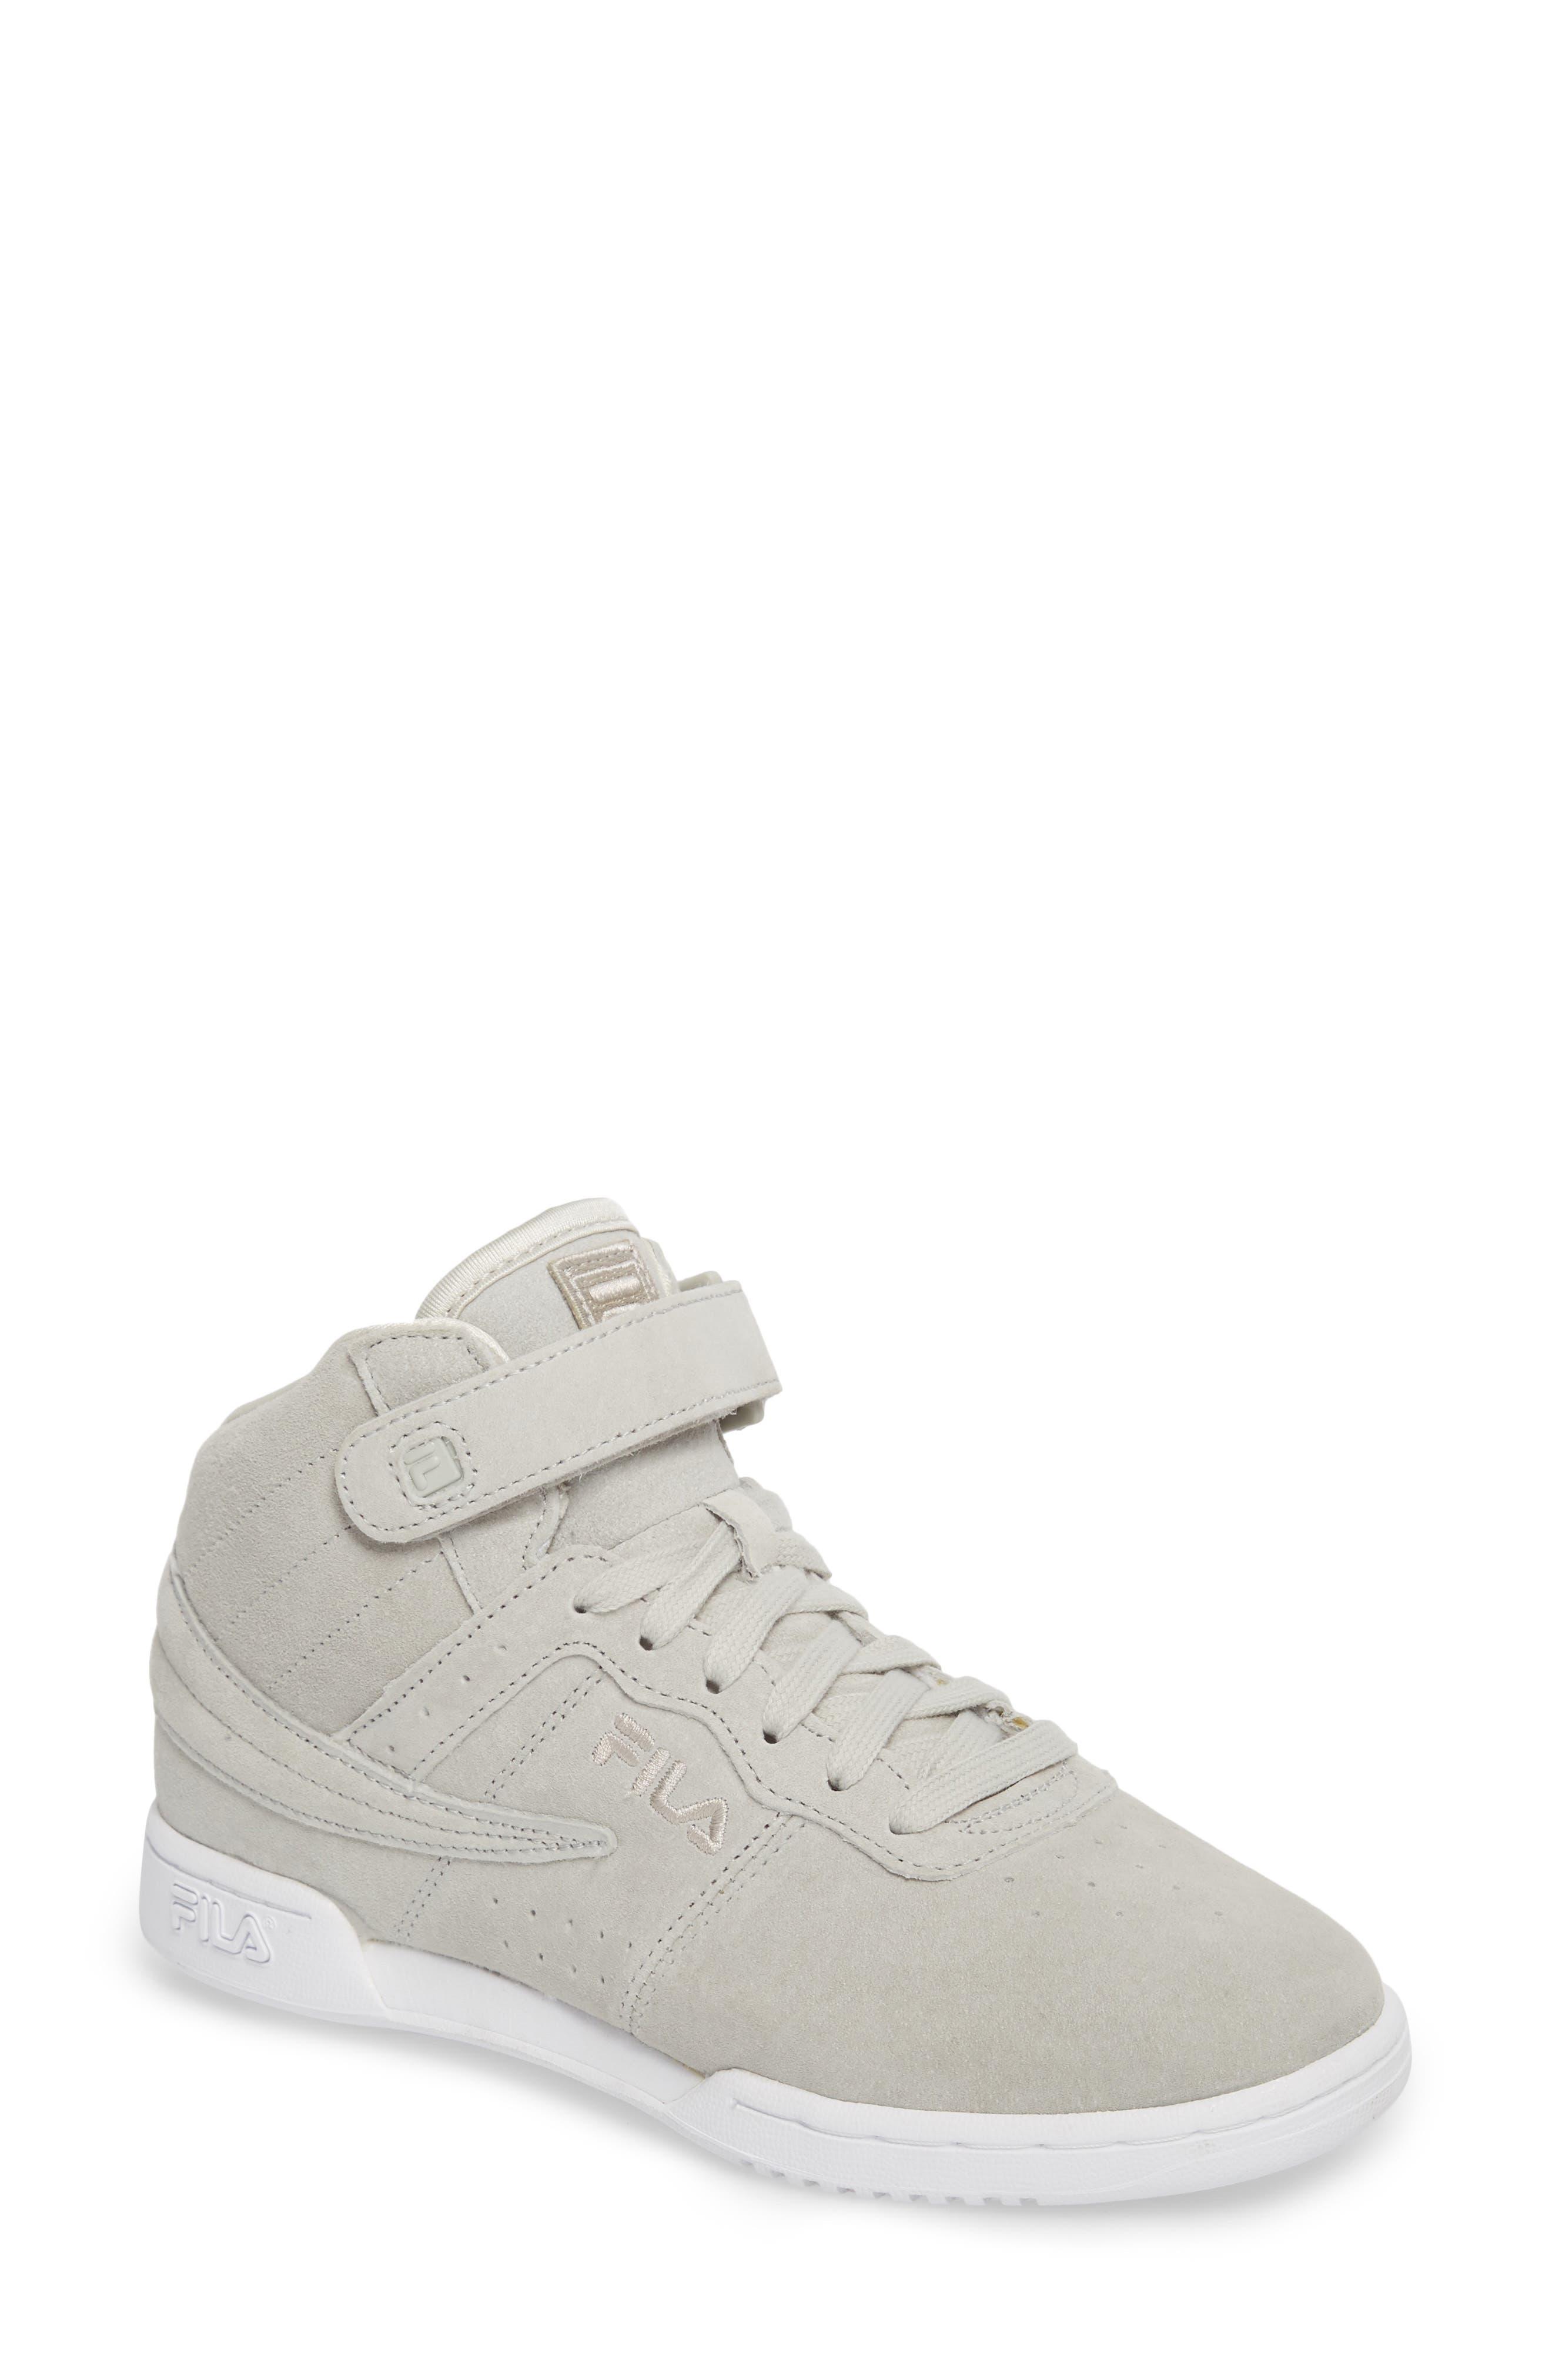 F-13 Premium Mid Top Sneaker,                         Main,                         color, White